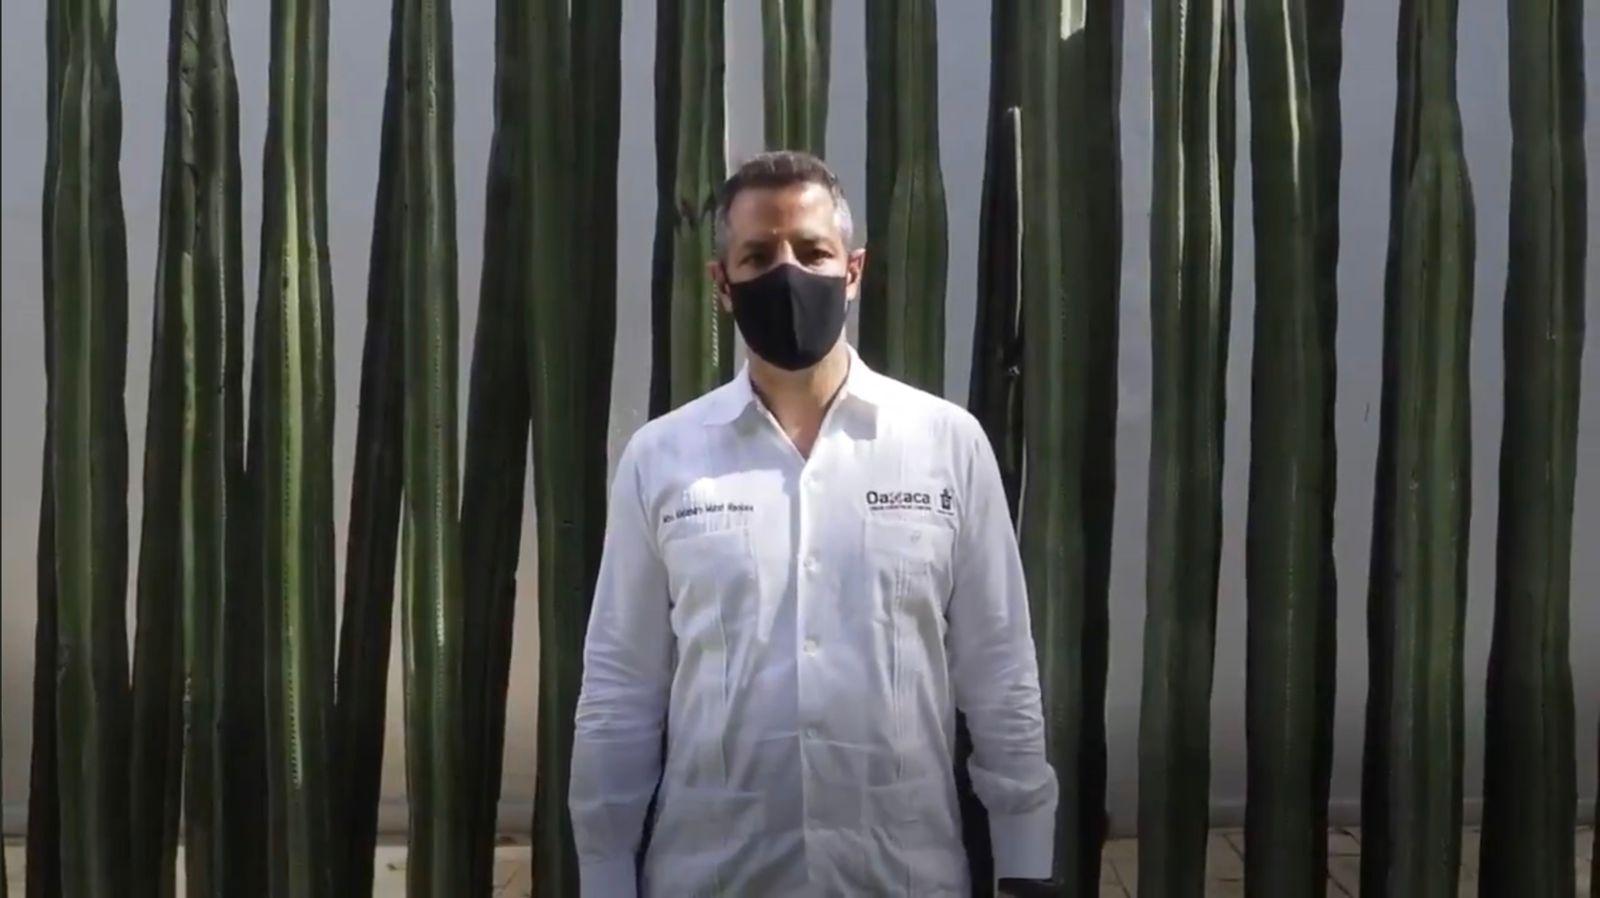 Pide Murat a Consejo de Salubridad que Oaxaca pase a semáforo amarillo ante aumento de casos de Covid-19